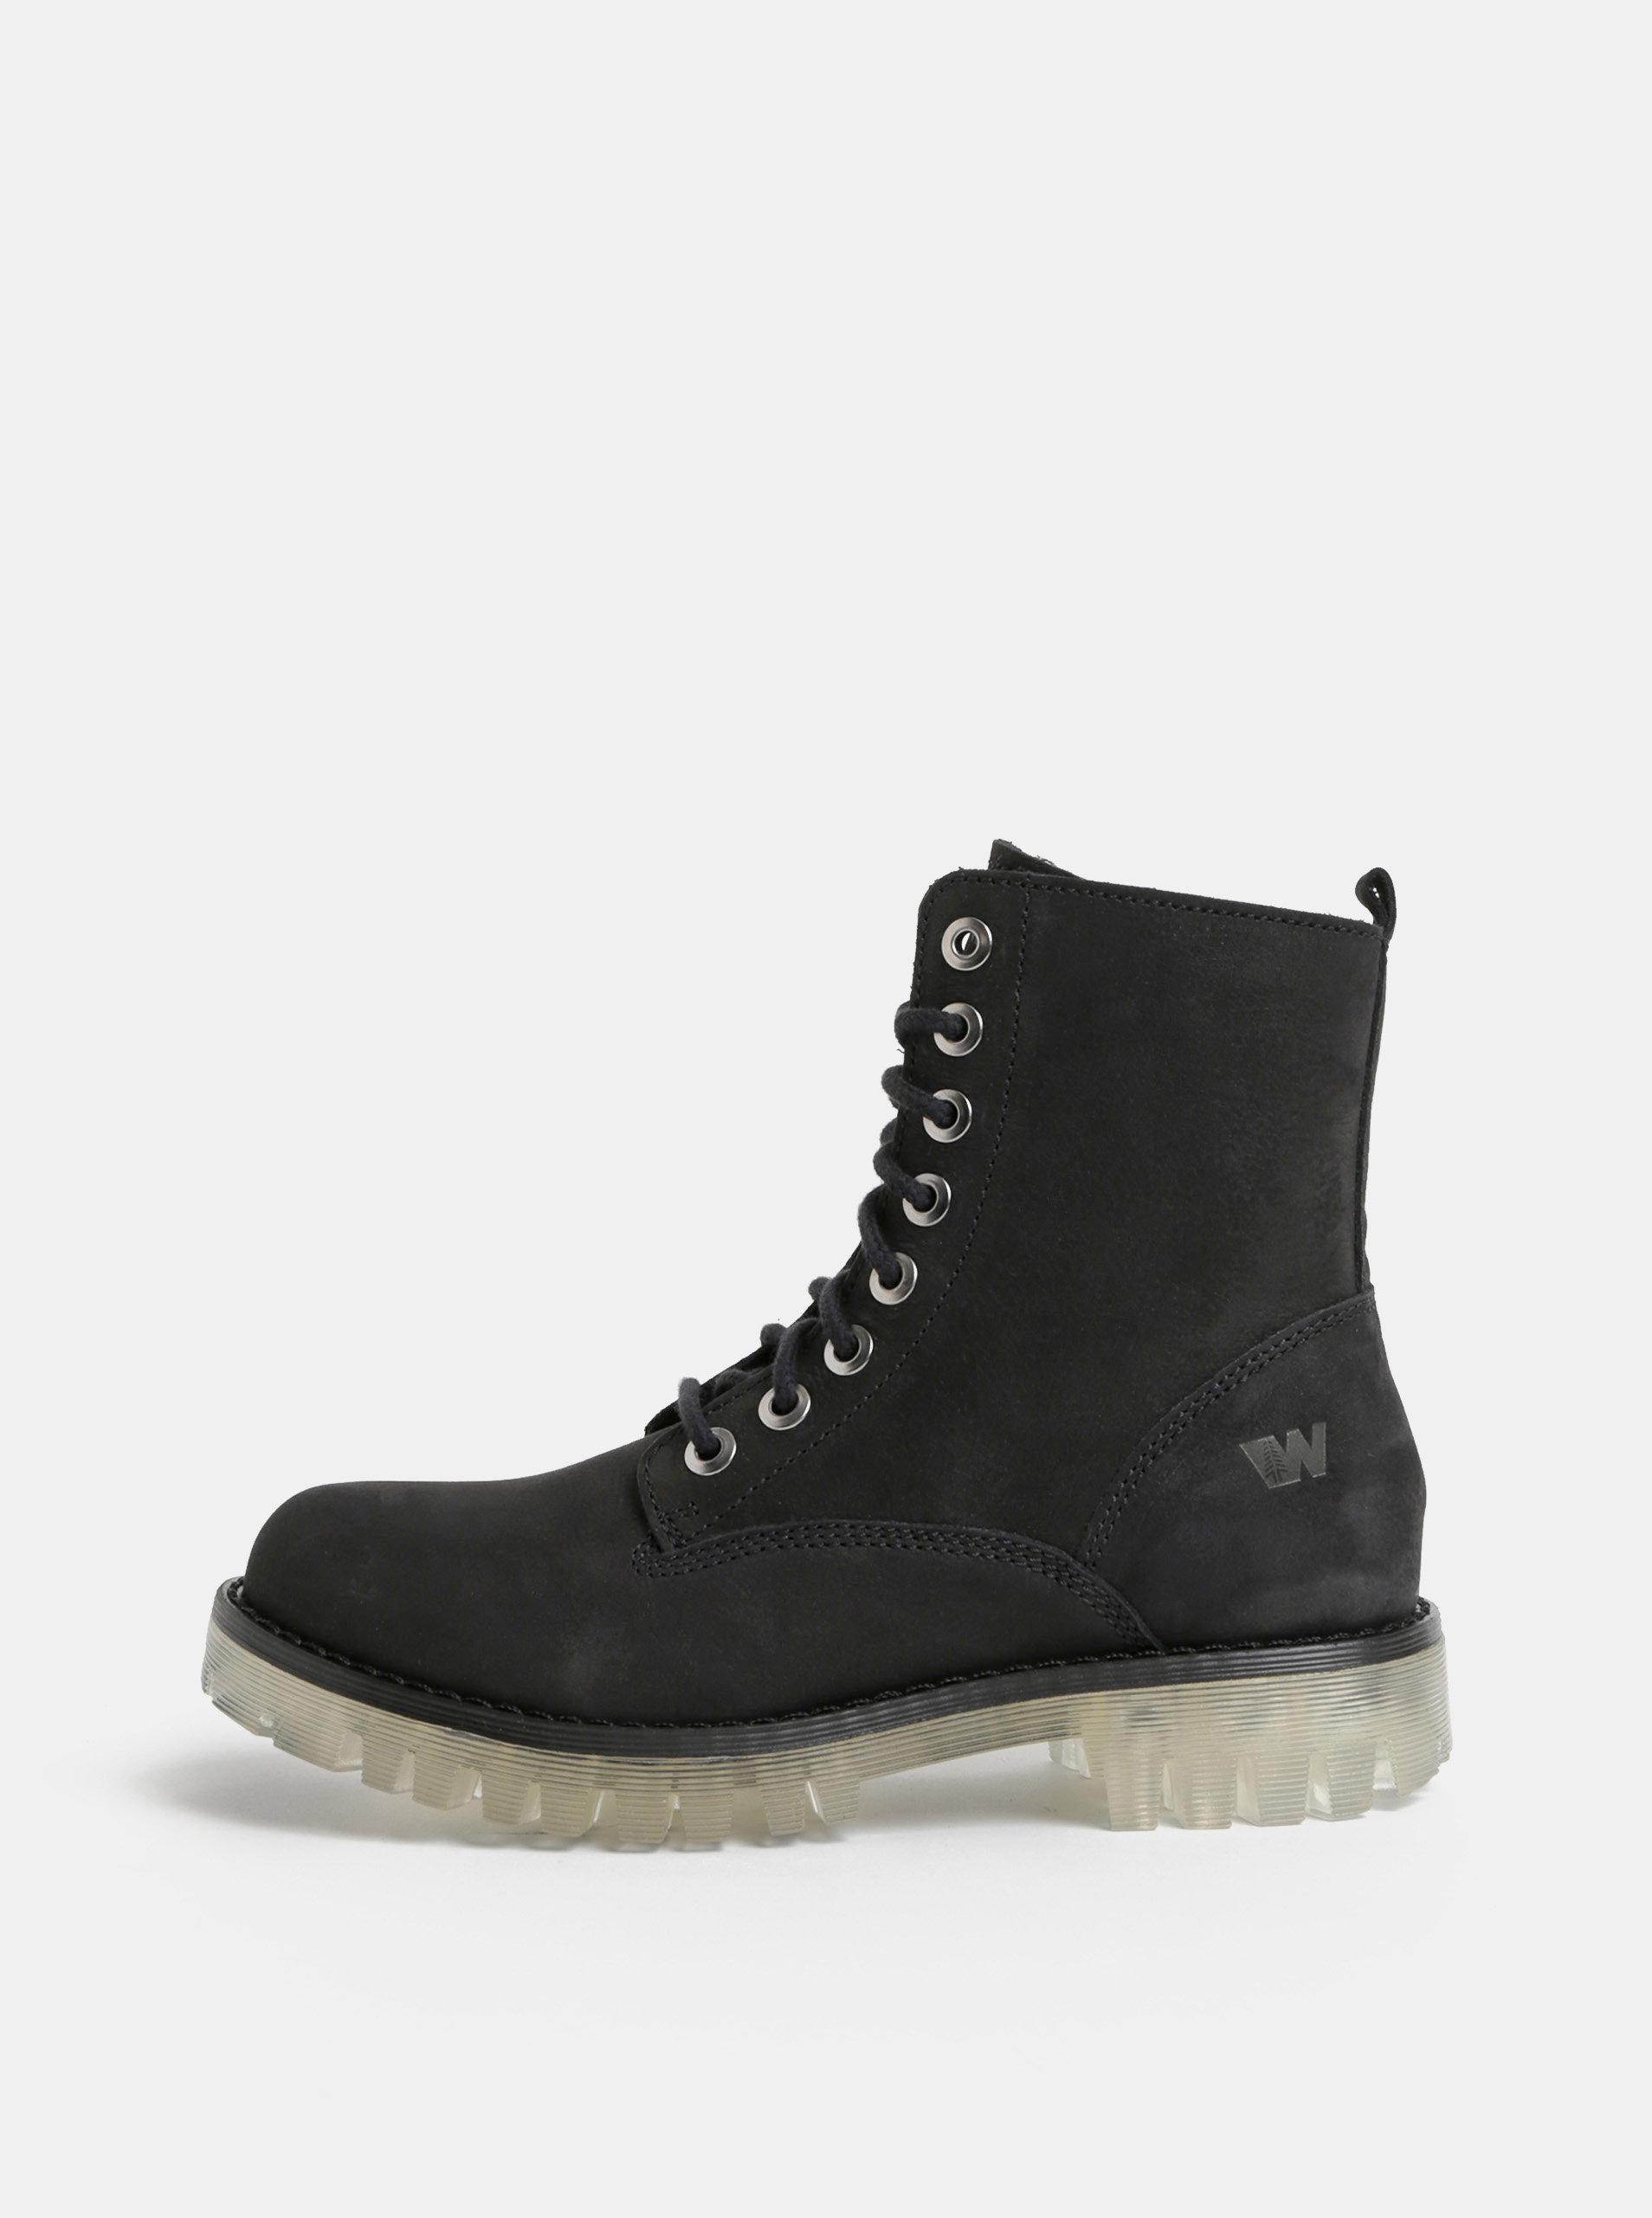 5a1f8fcbc19b Čierne dámske kožené členkové topánky Weinbrenner ...